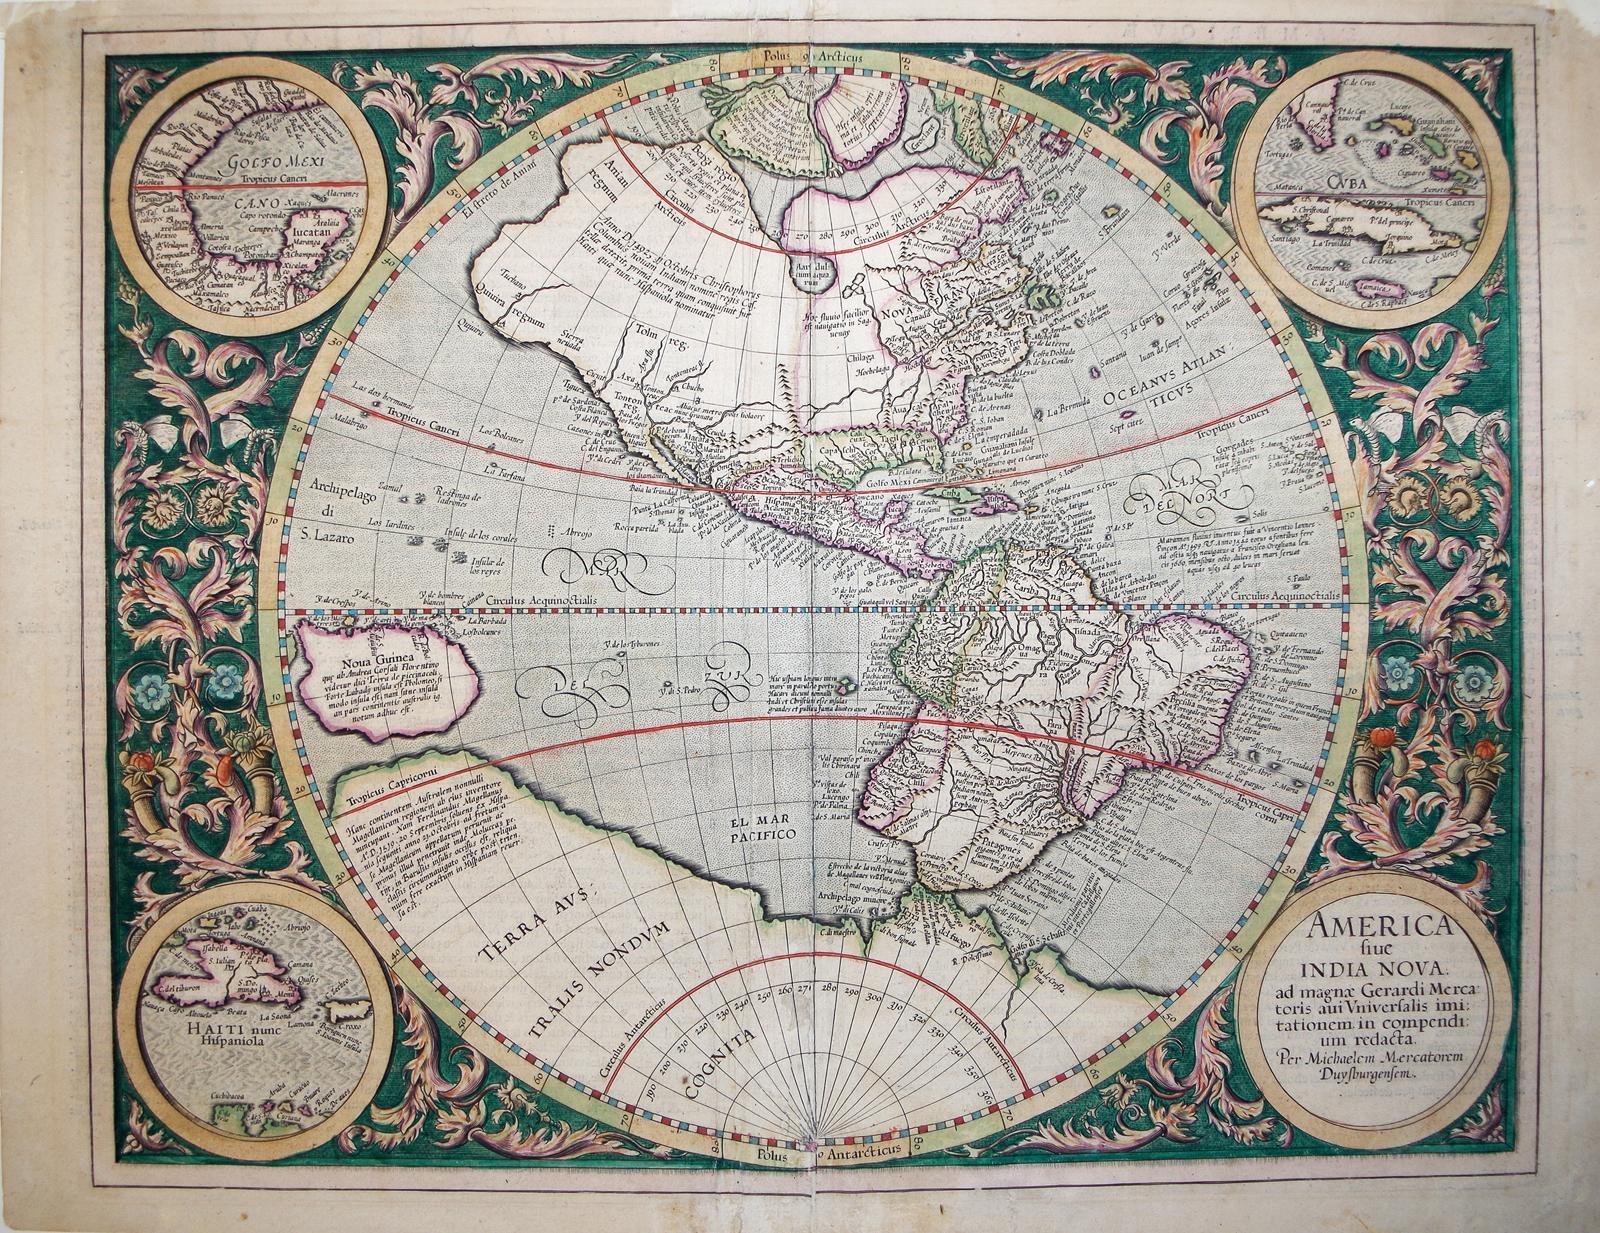 America fiue India Nova (North and South America)/(insets)Golfo Mexicano/Haiti nunc ...